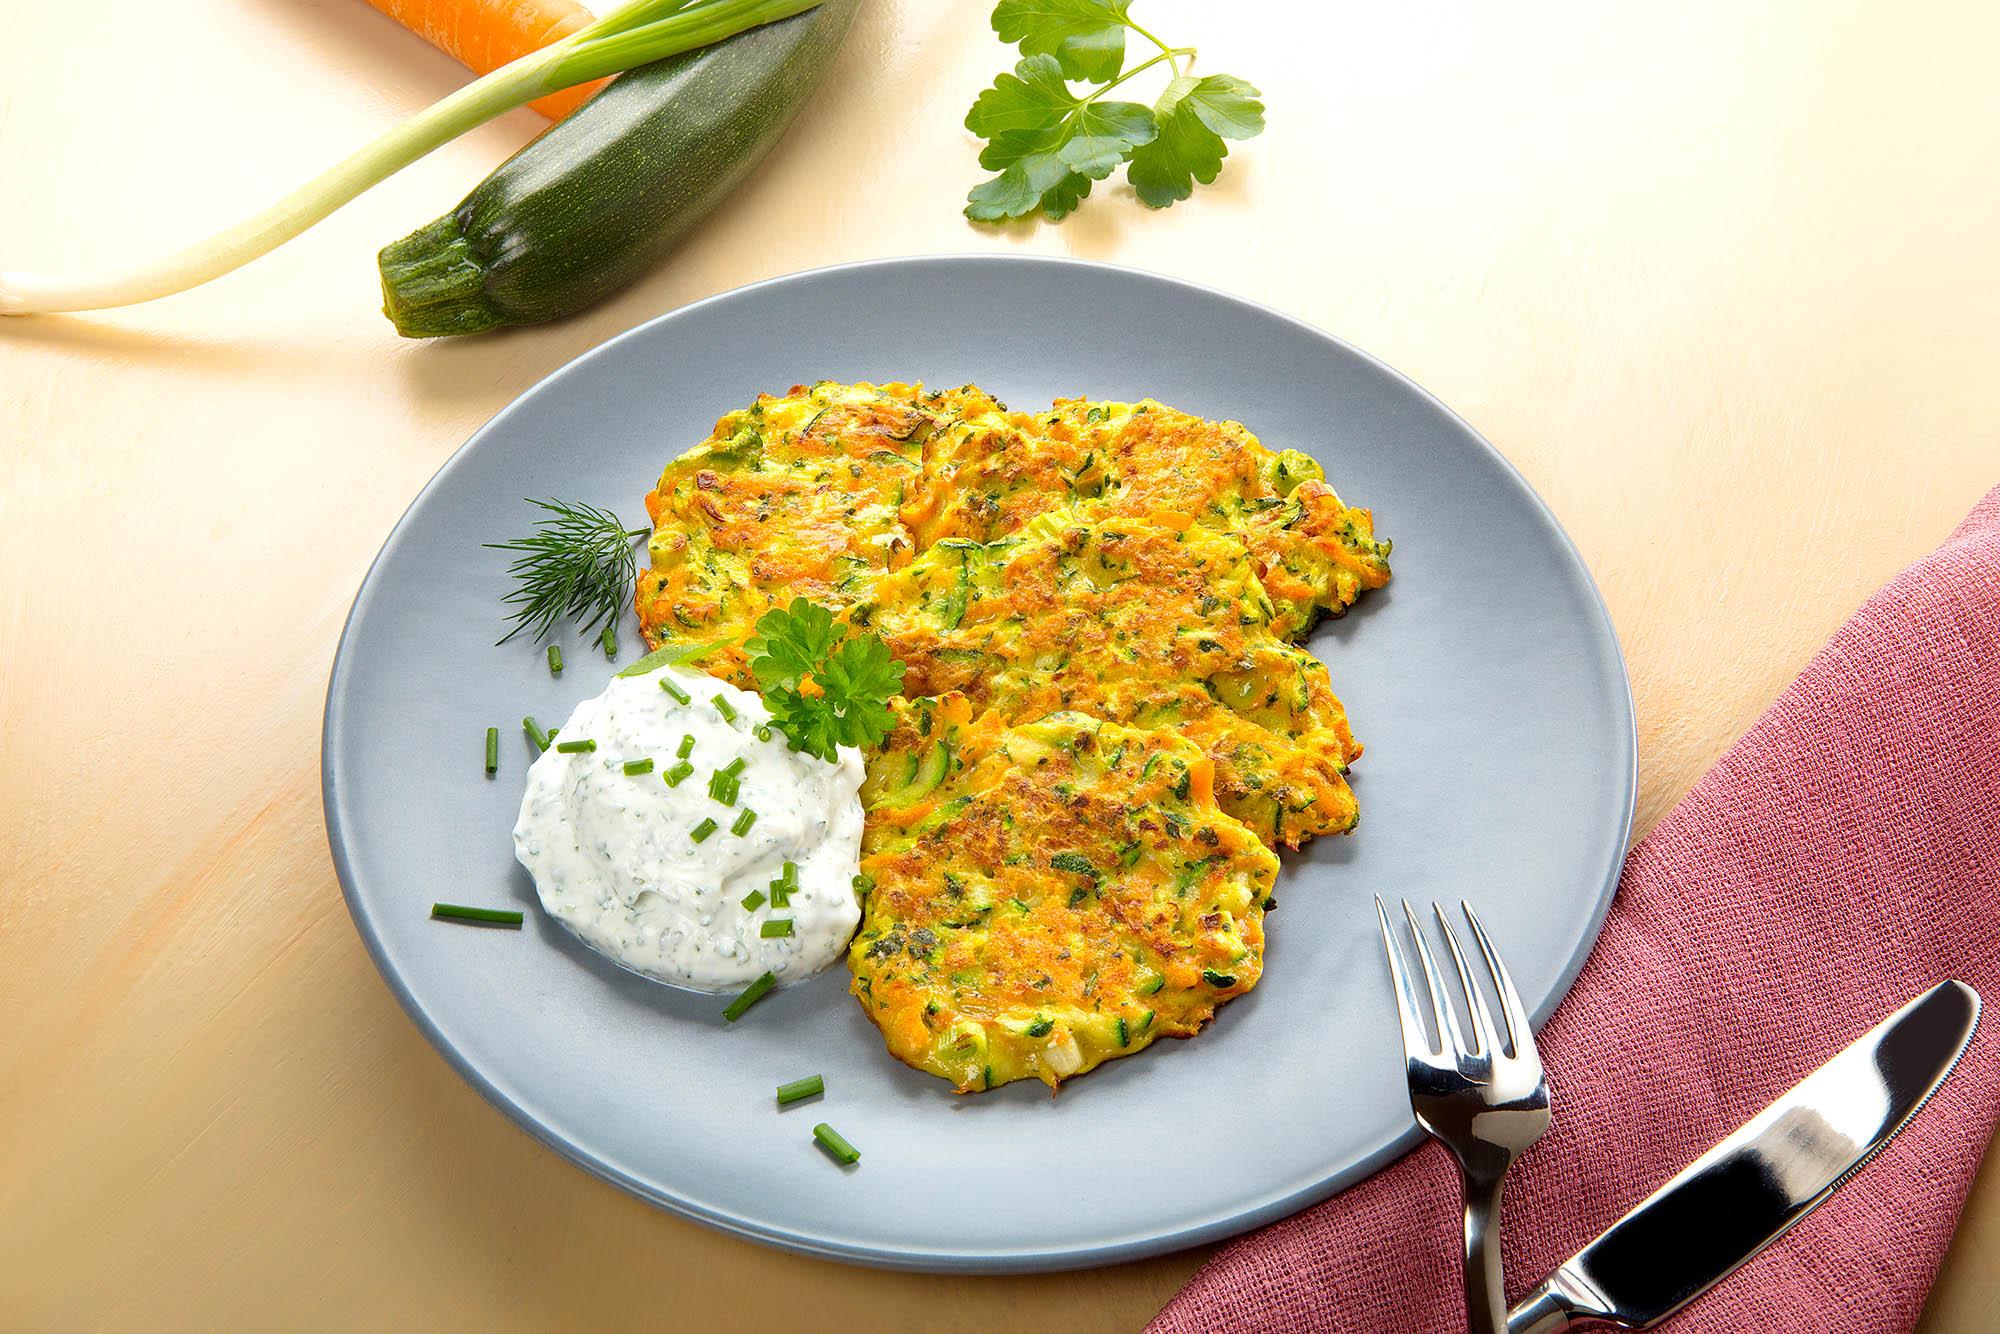 Food, Food-fotografie. Vegetarisches Rezept. Karotten-Zucchini-Puffer mit Quarkdip. Foto: Ingo Wandmacher